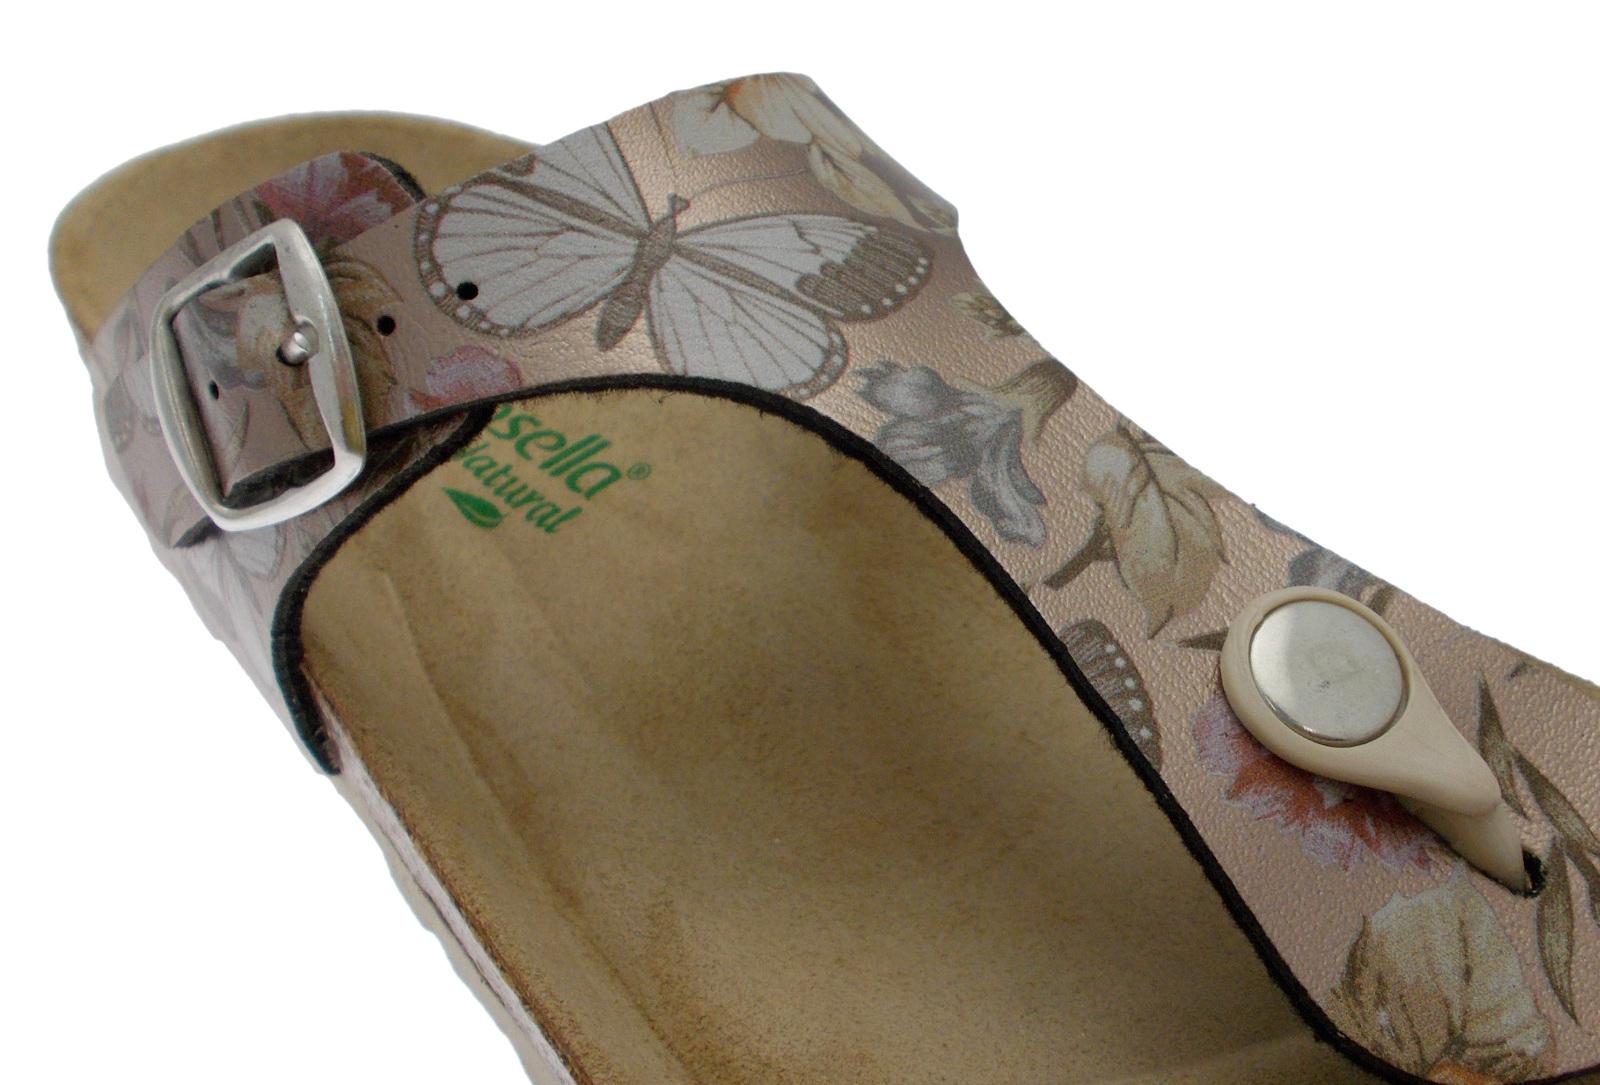 19226 anatomical fantasy flip flops bronze Riposella